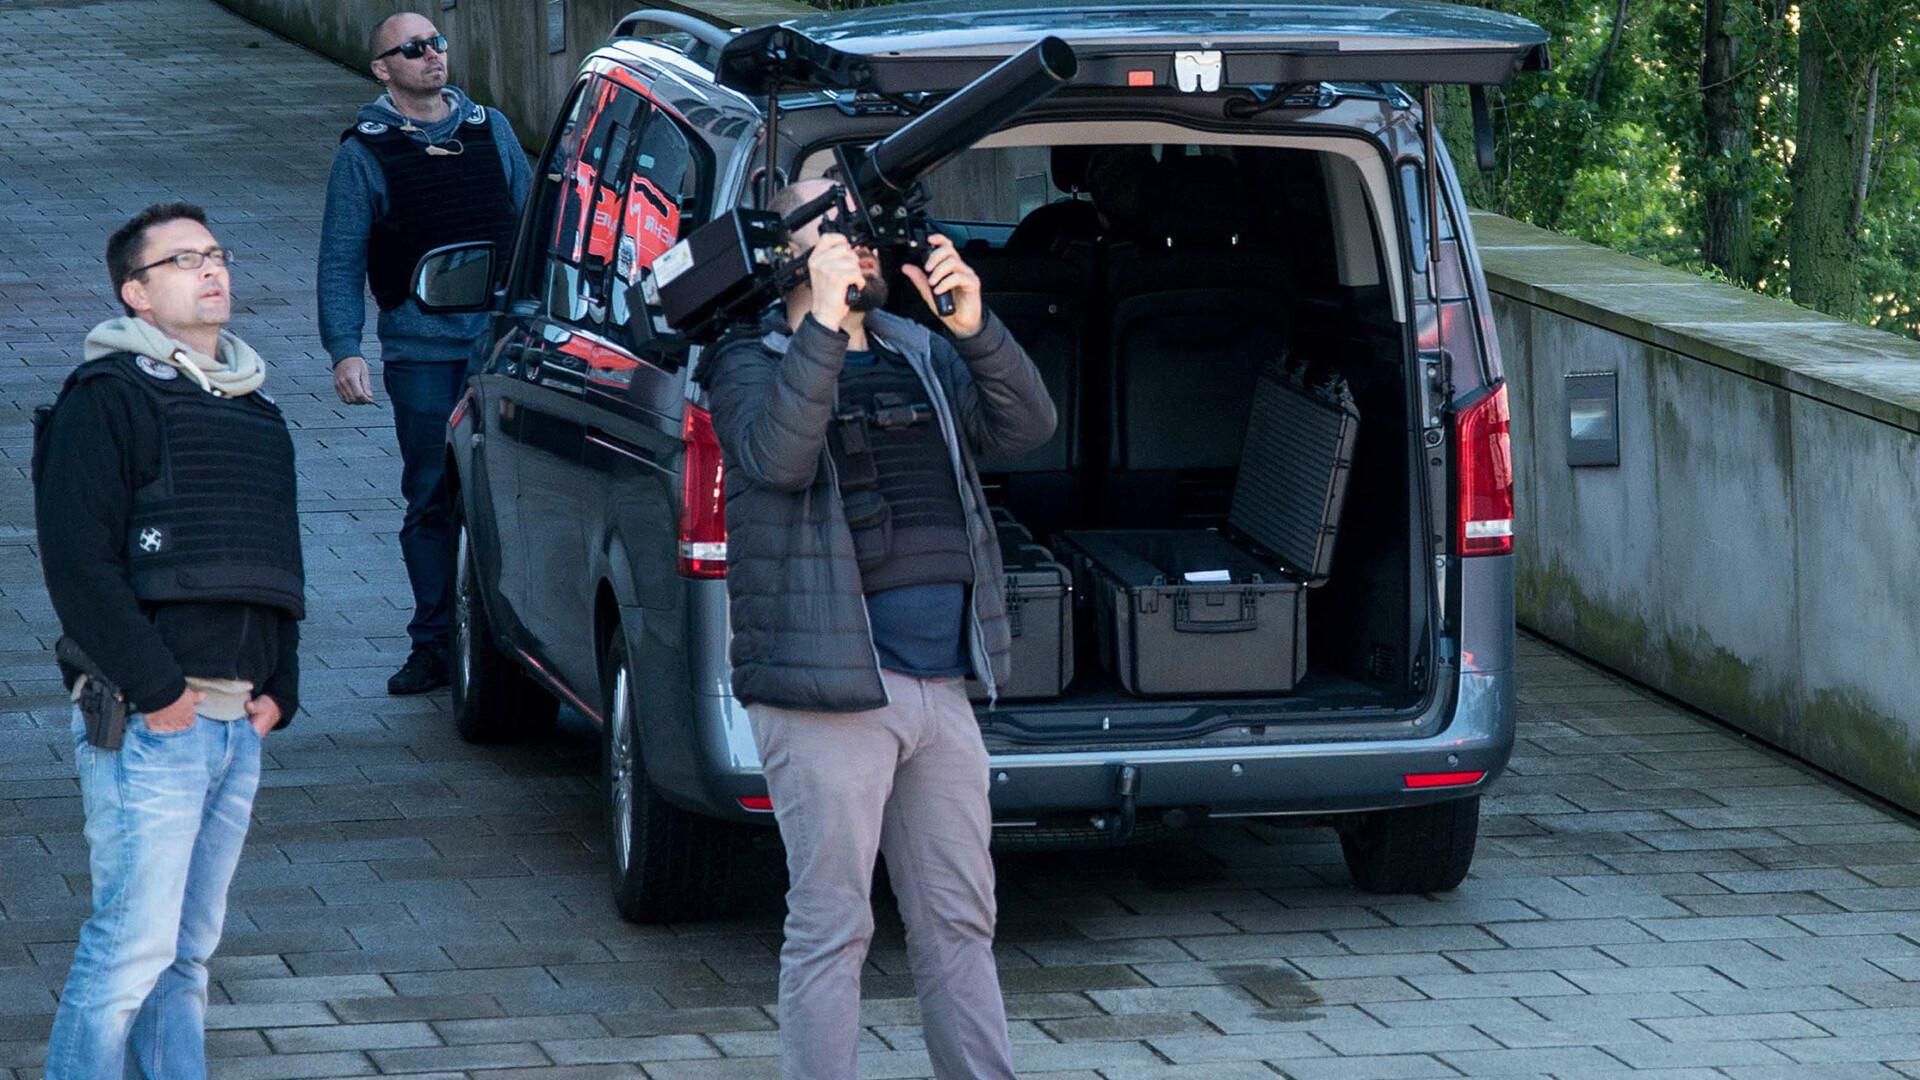 Drei Polizisten stehen vor einem Van. Einer zielt mit einer Art Waffe mit großem Rohr in den Himmel: Das Drohnenabwehrgerät HP 47.